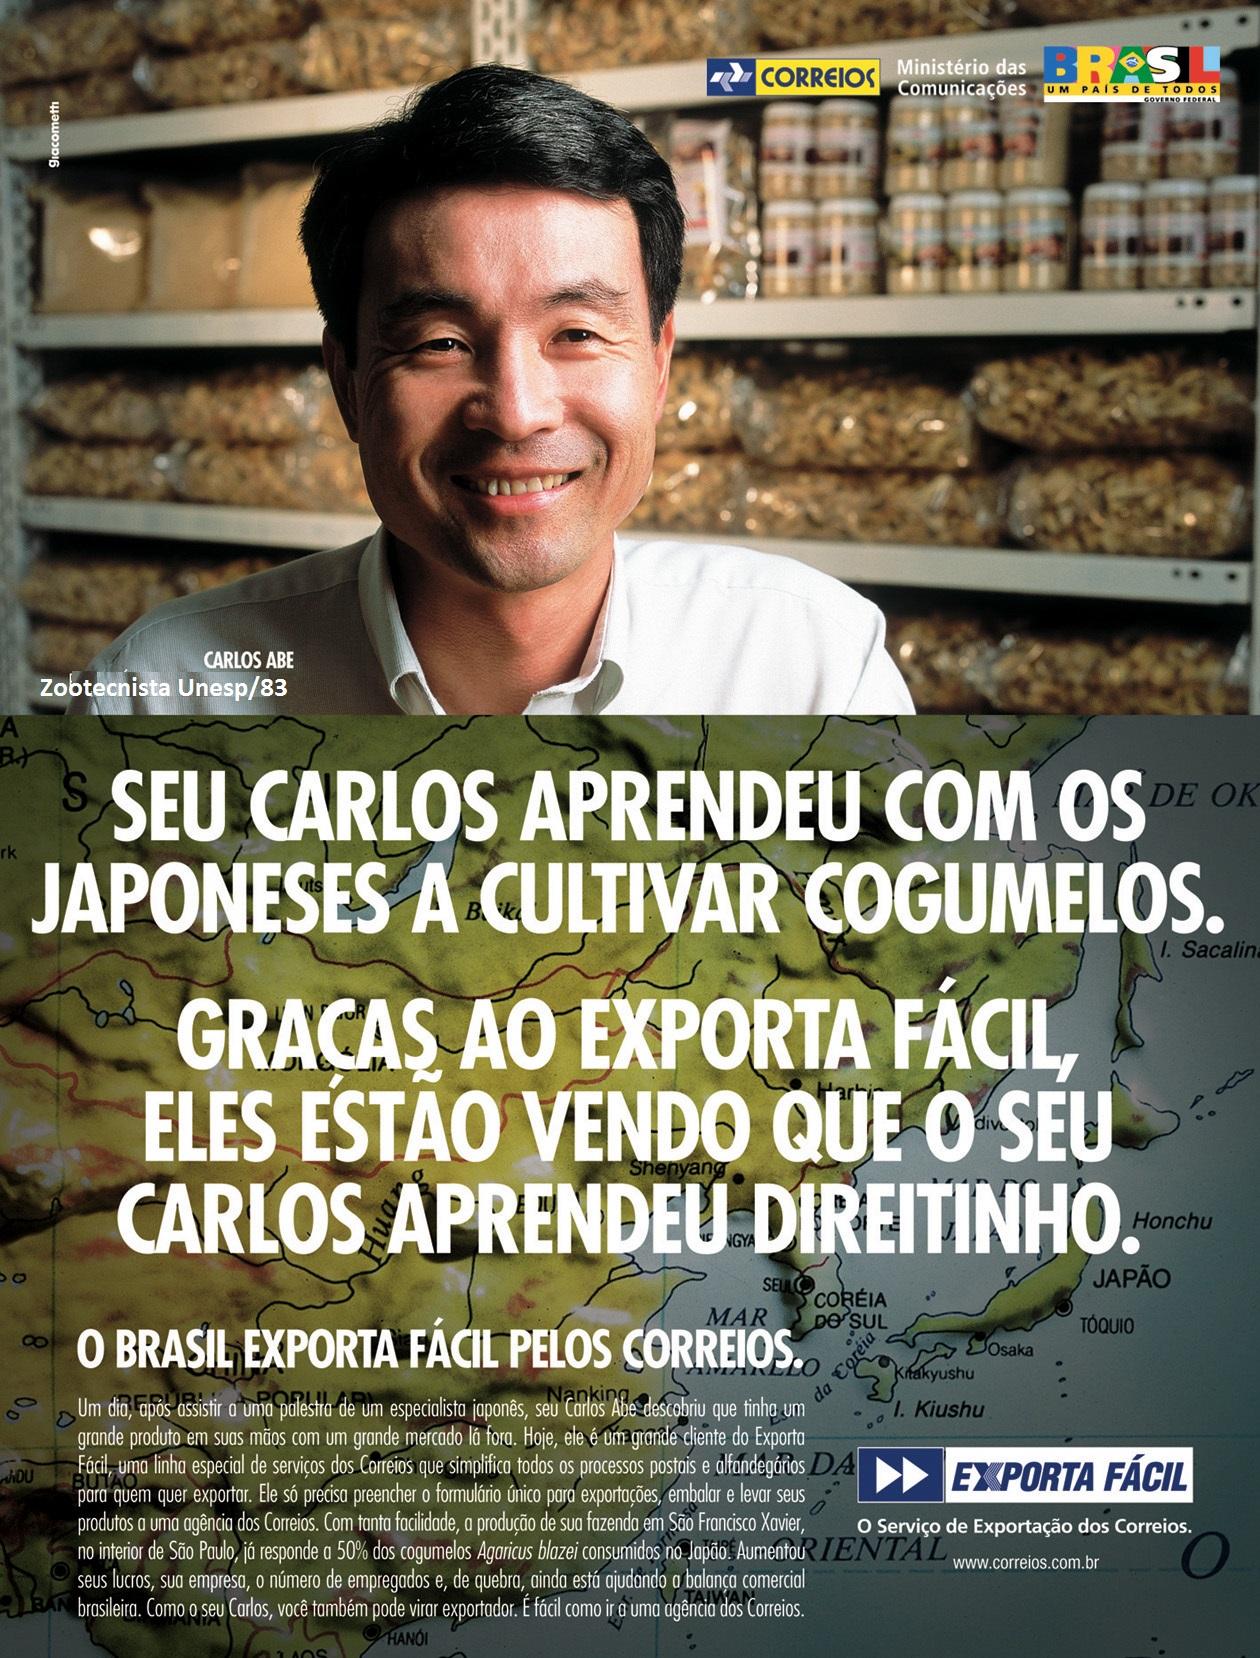 Campanha ExportaFácil Correios 2004